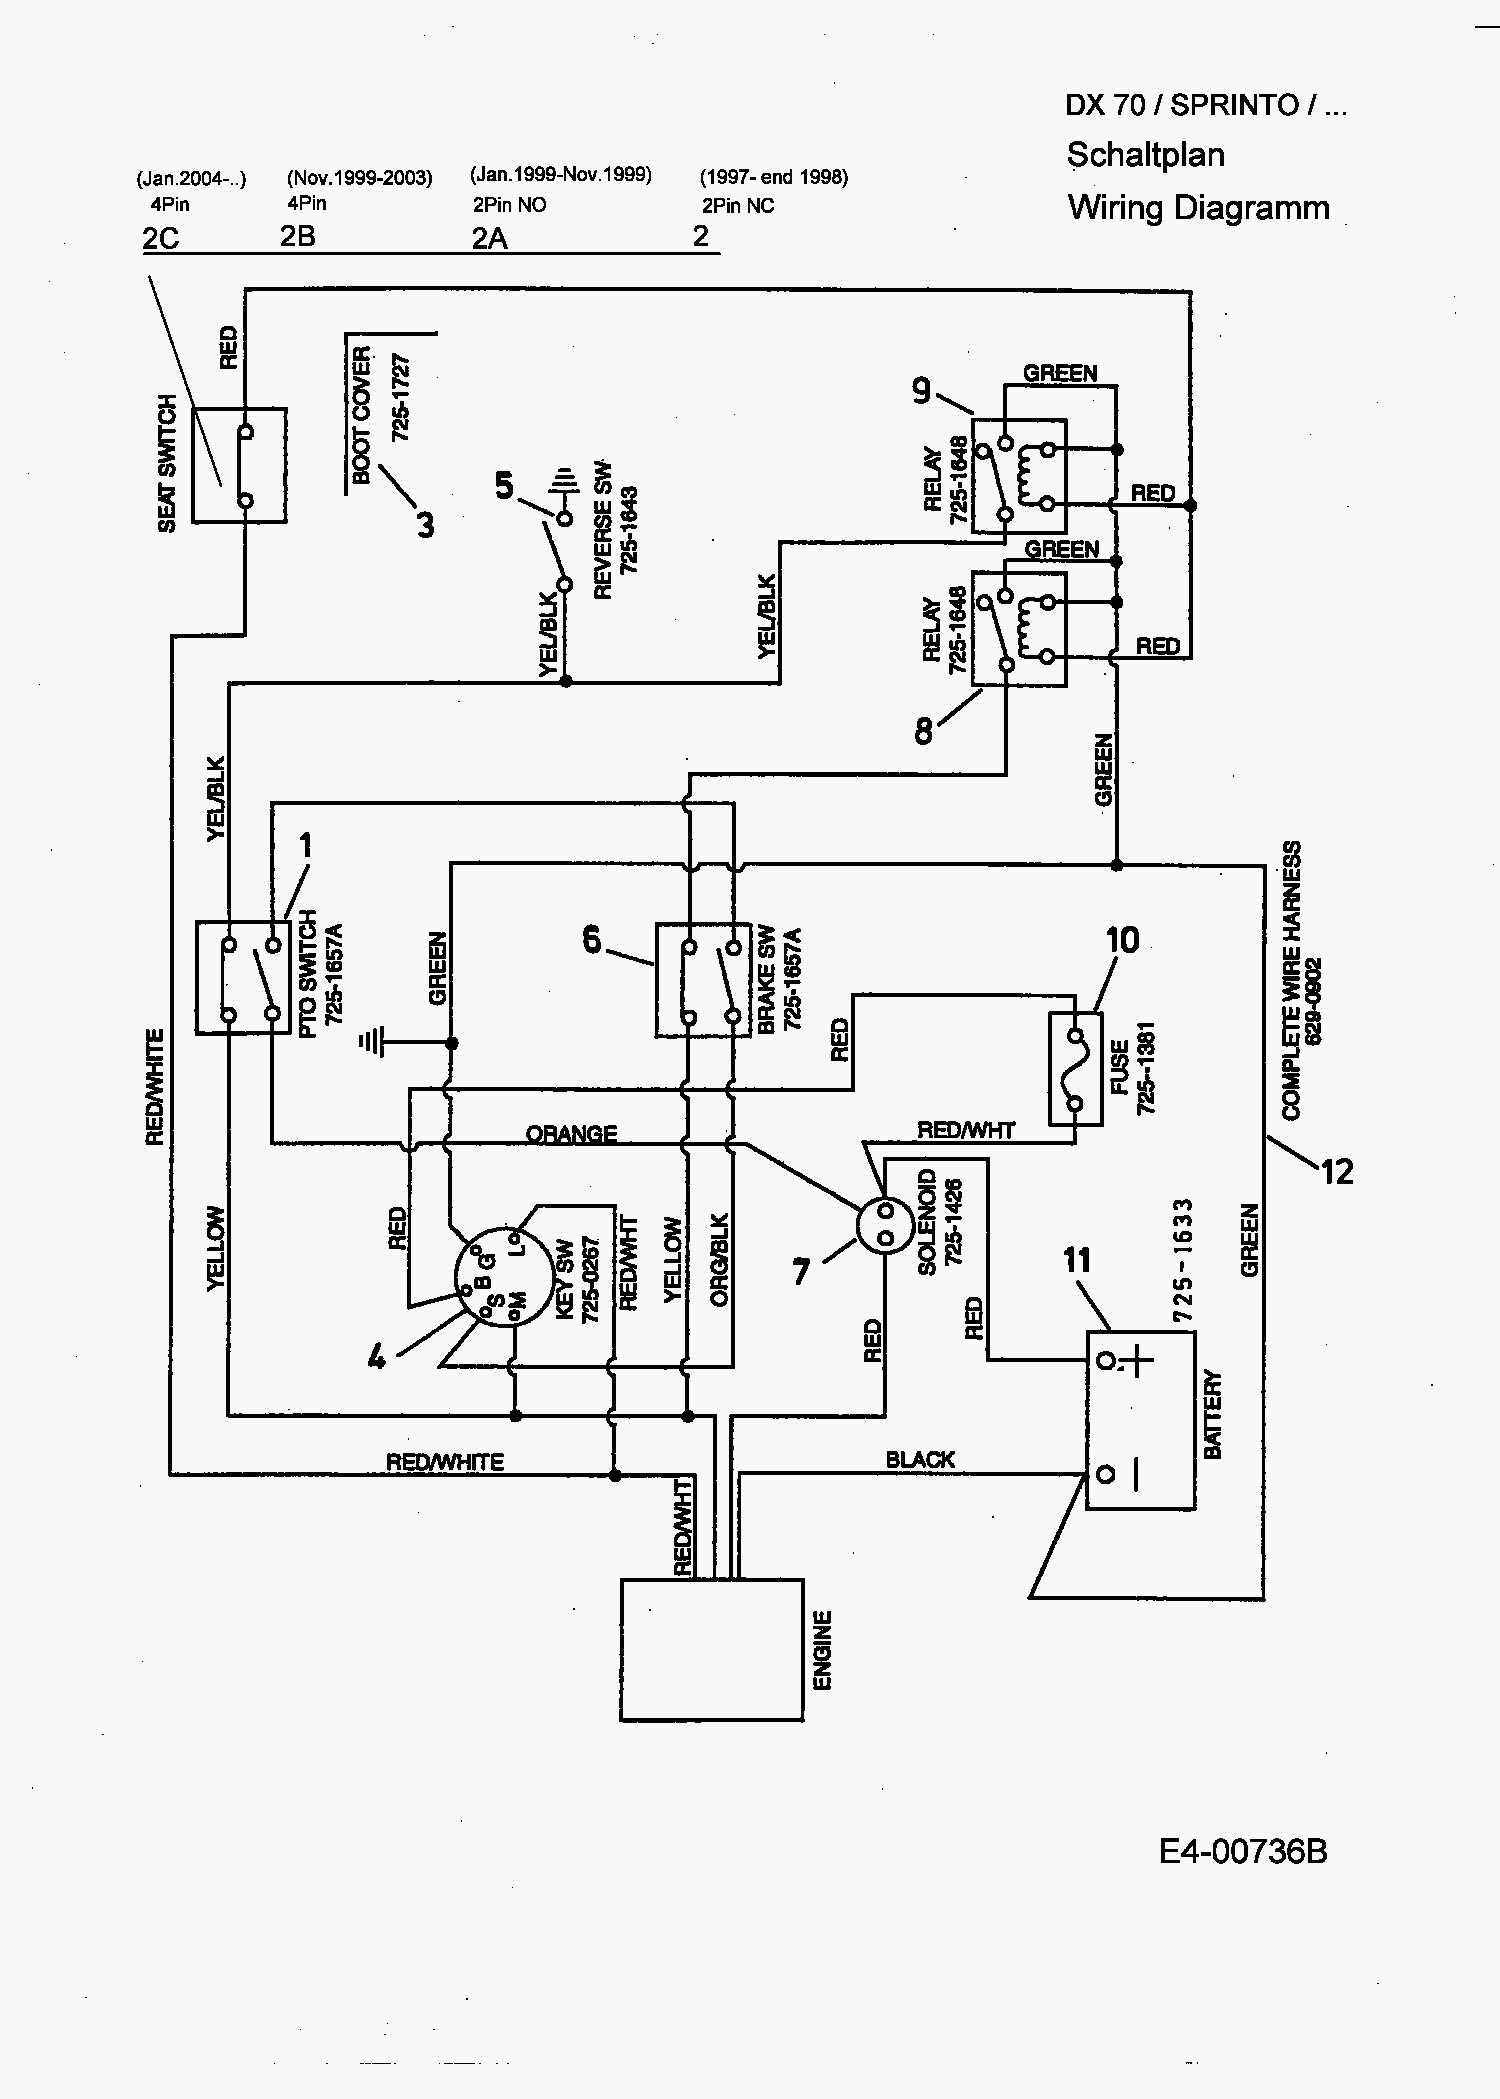 Murray Wiring Schematics